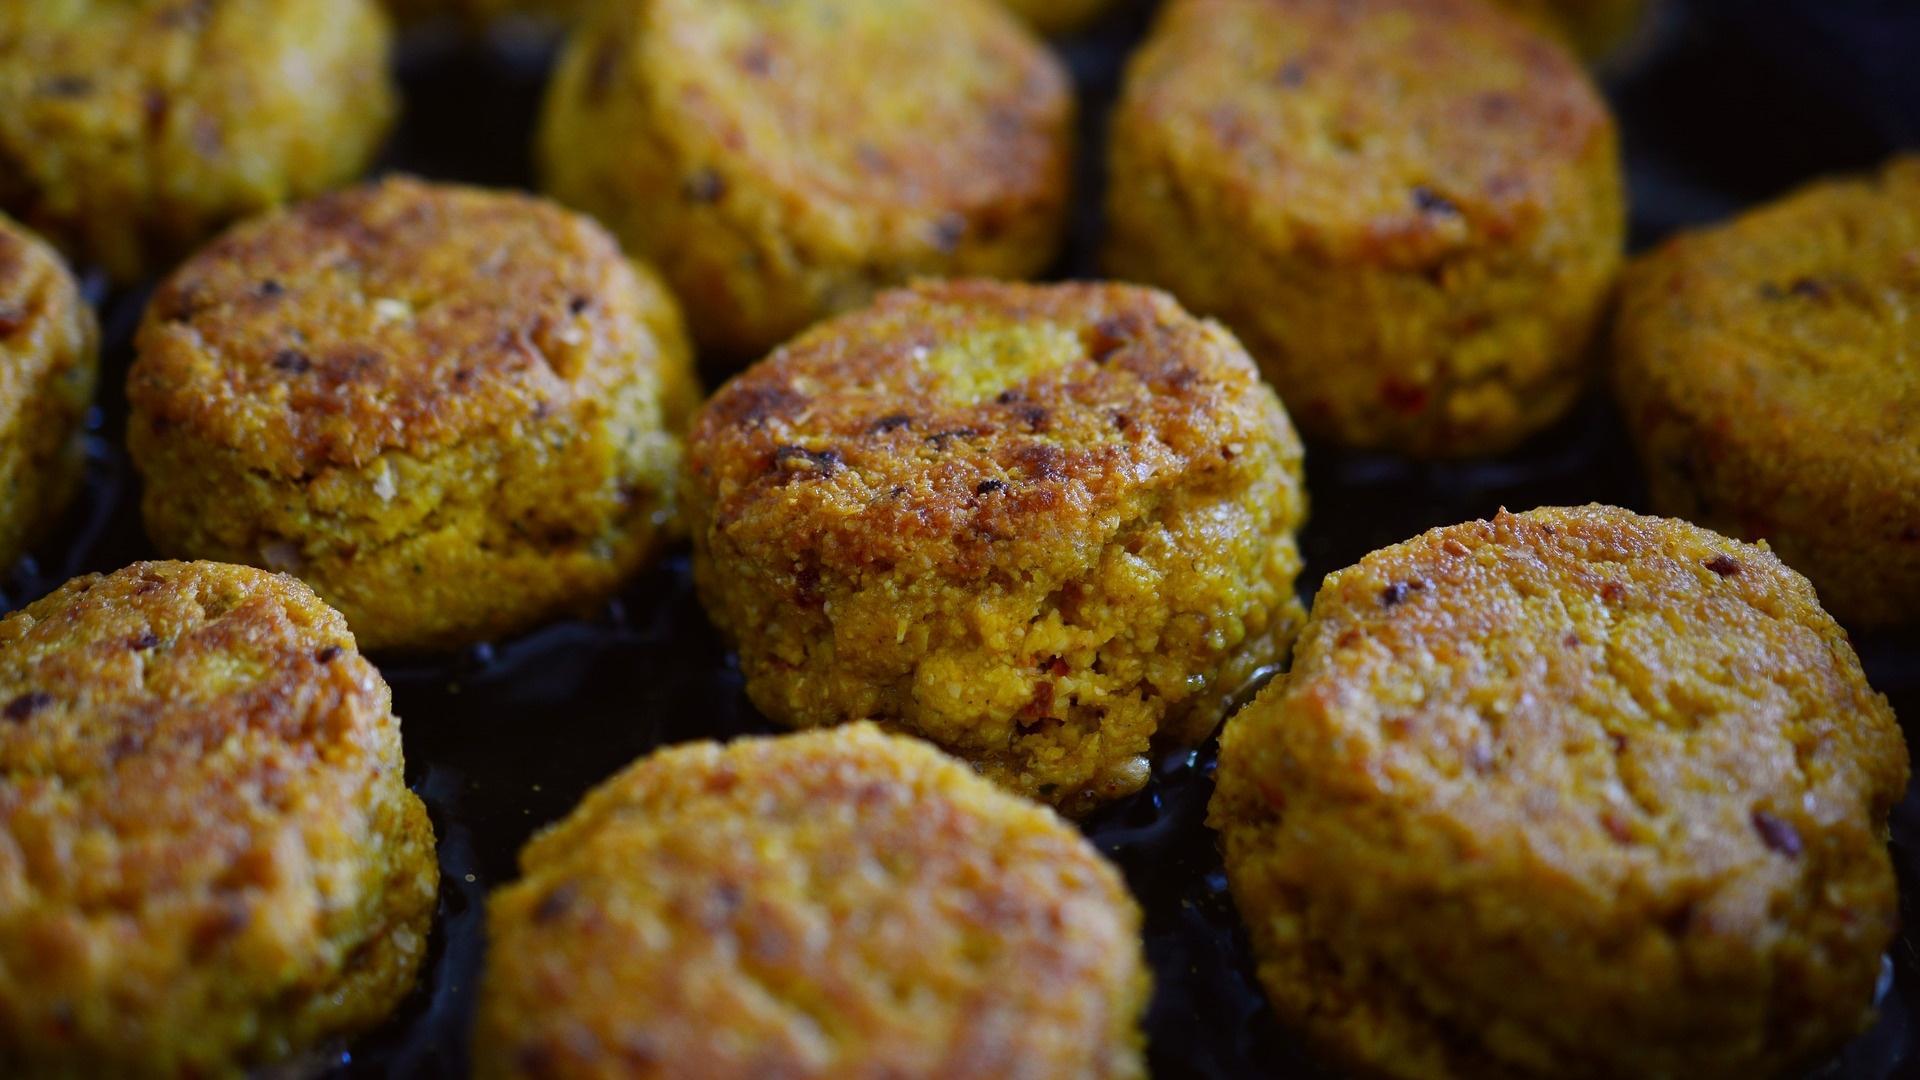 Es gibt viele vegane Fleisch-Alternativen wie Falafel. Es bietet sich an, sie vorher in der Pfanne zu braten.